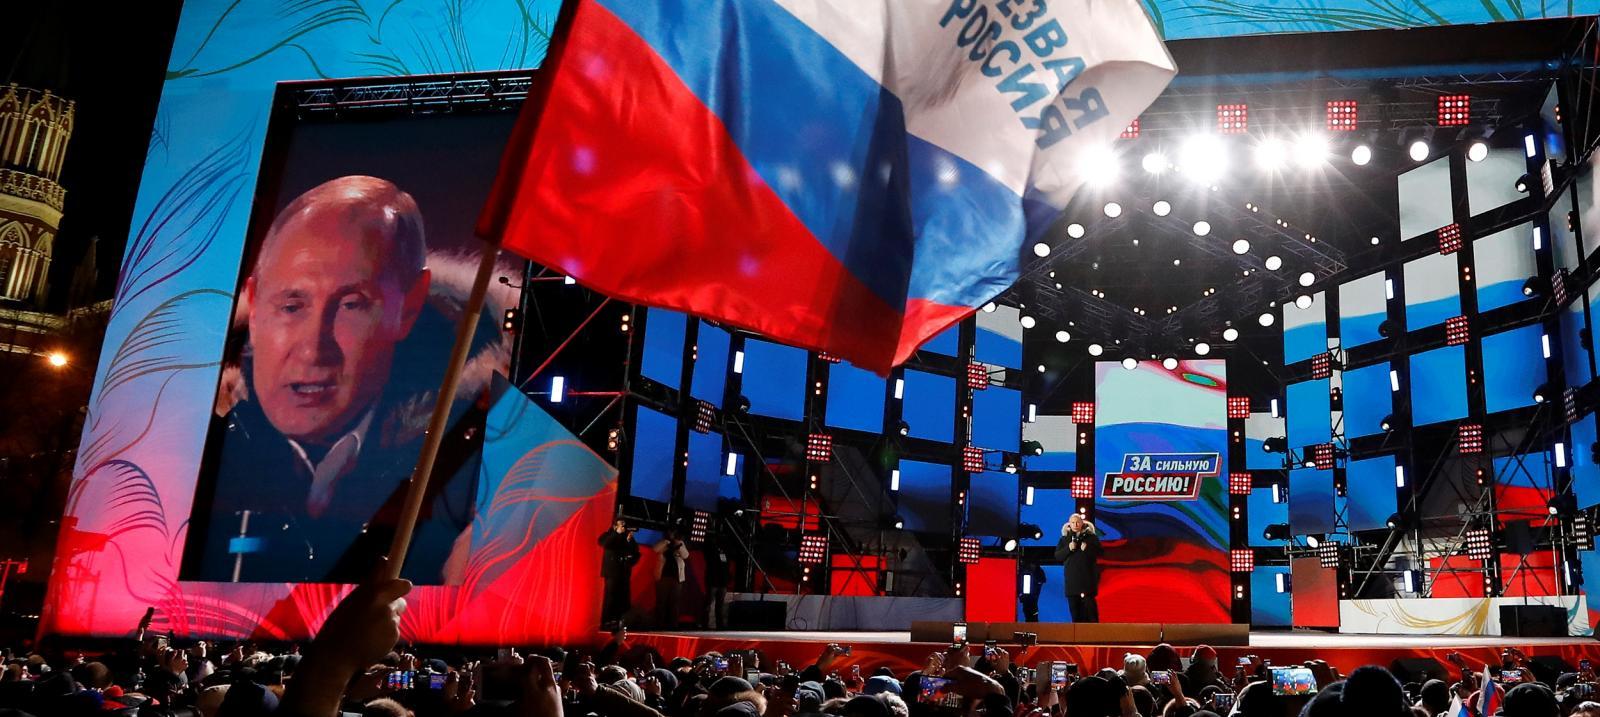 Putin slaví své volební vítězství